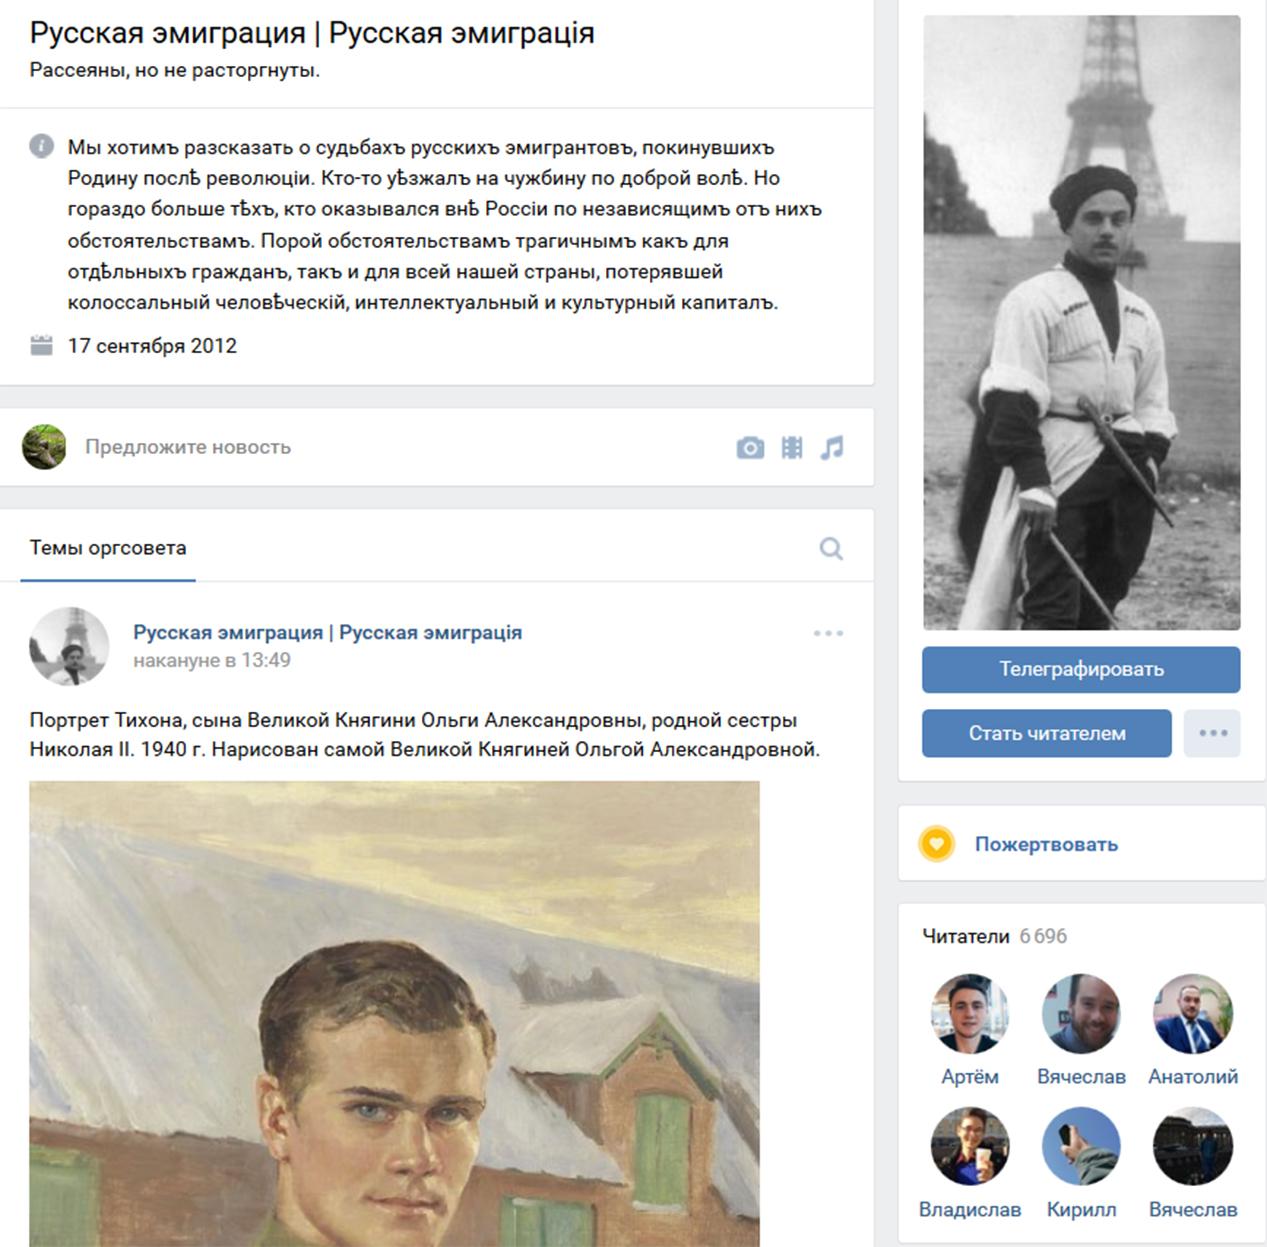 Паблики-царебожницы_Русская-эмиграция